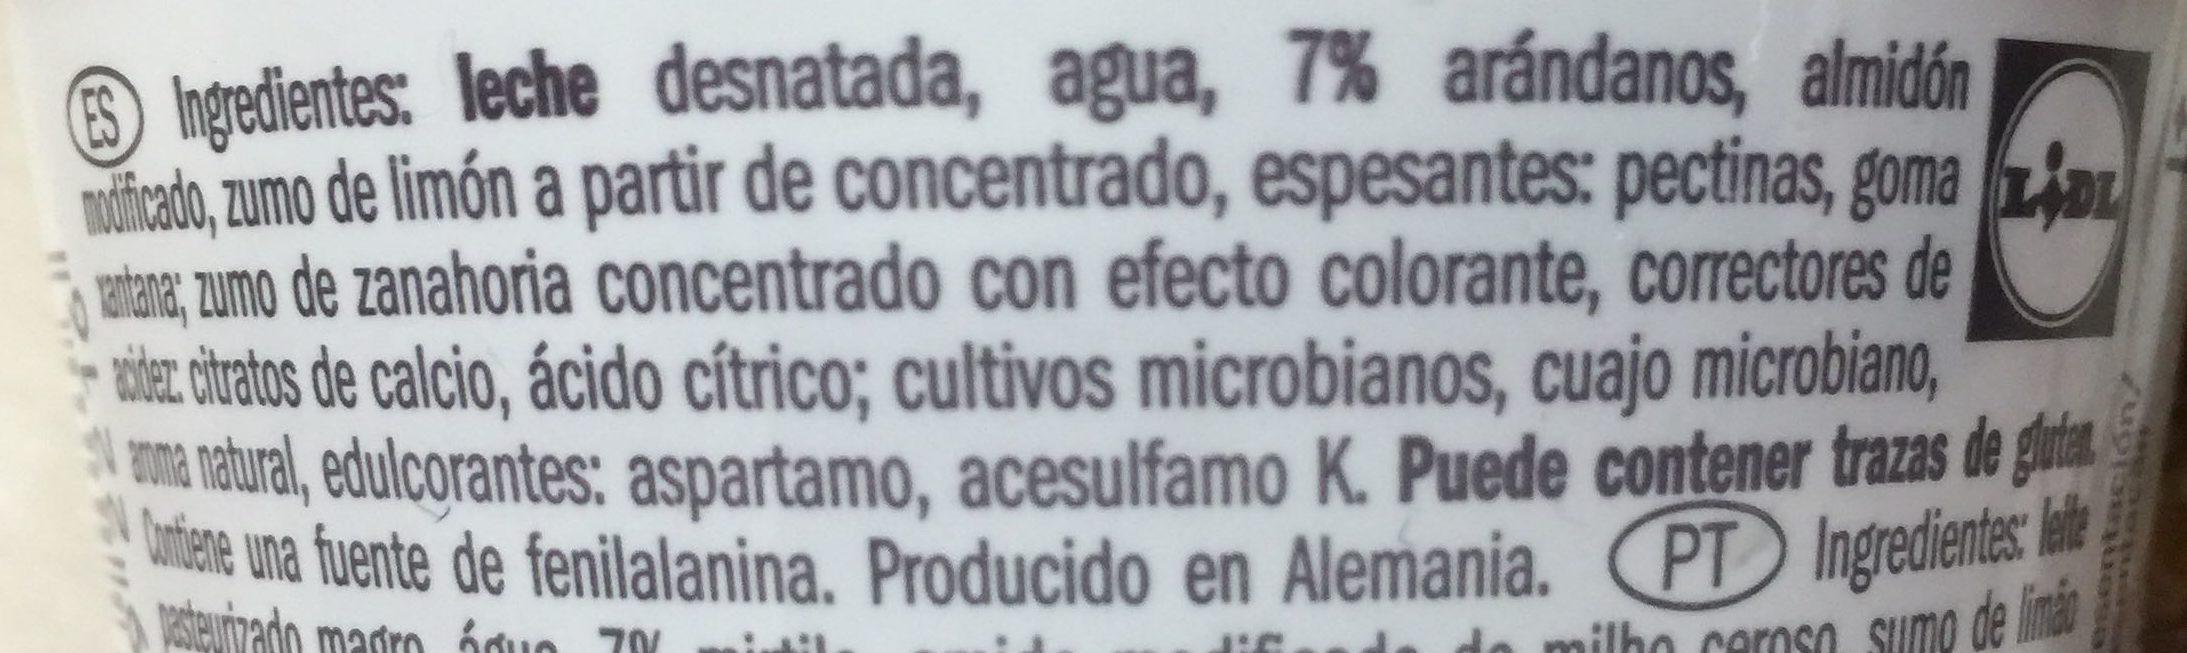 Skyr myrtilles - Ingredienti - es